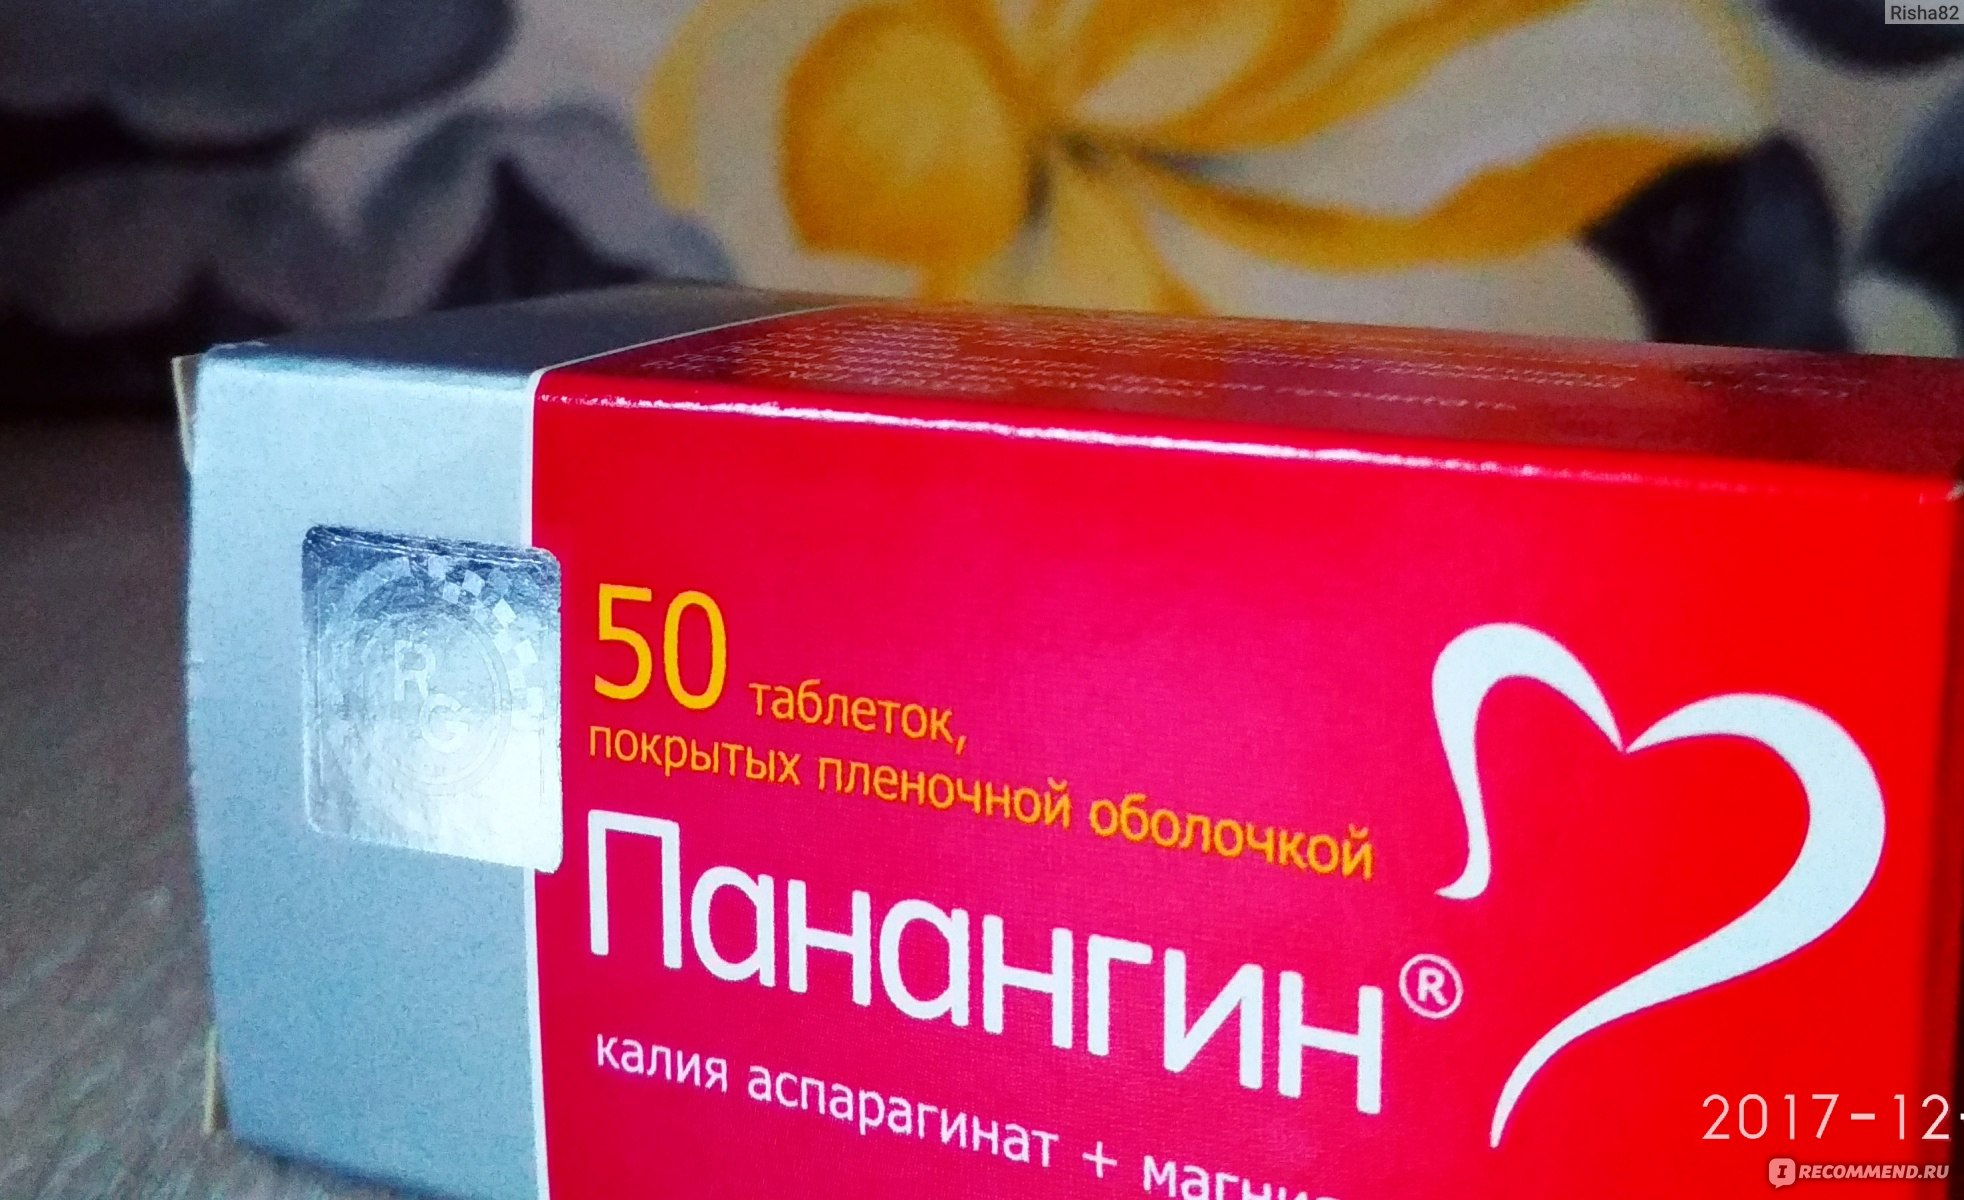 Панангин: инструкция по применению, аналоги и отзывы, цены в аптеках россии